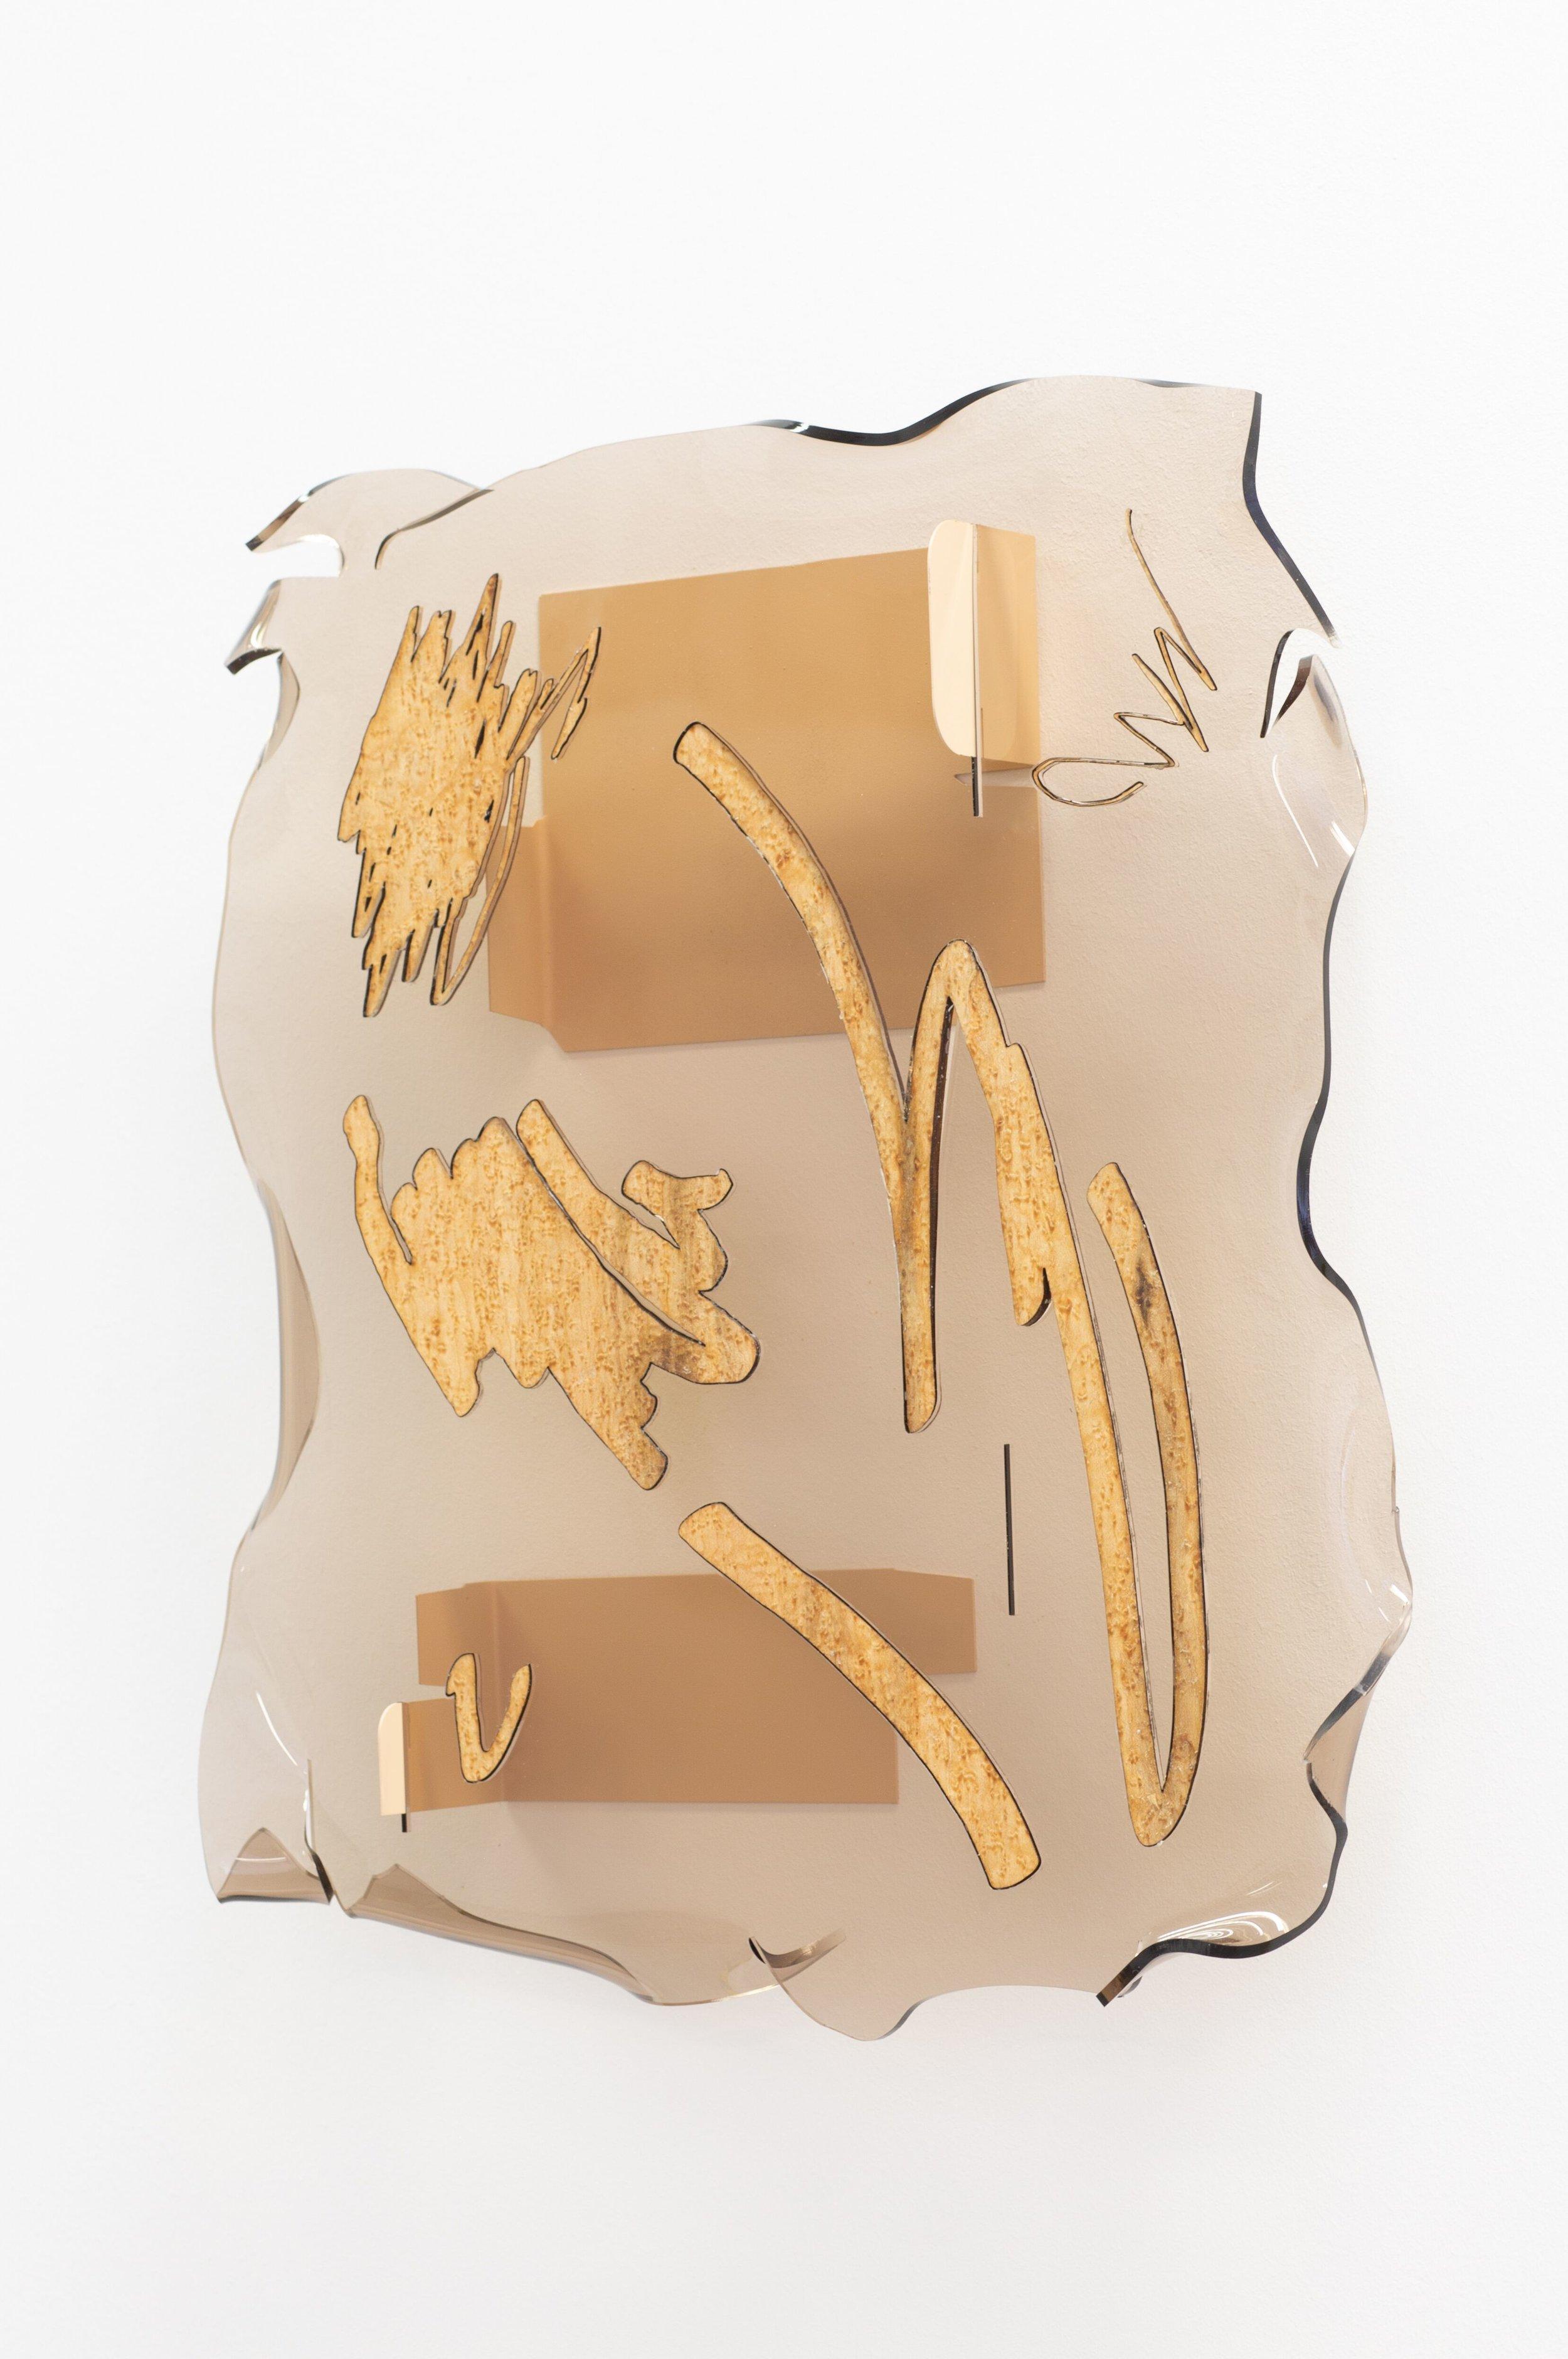 HANNAH SOPHIE DUNKELBERG, RSVP, 2019, ACRYL GLASS, VENEER, 60 X 30 X 7 CM, 23.6 X 11.82 X 2.75 IN